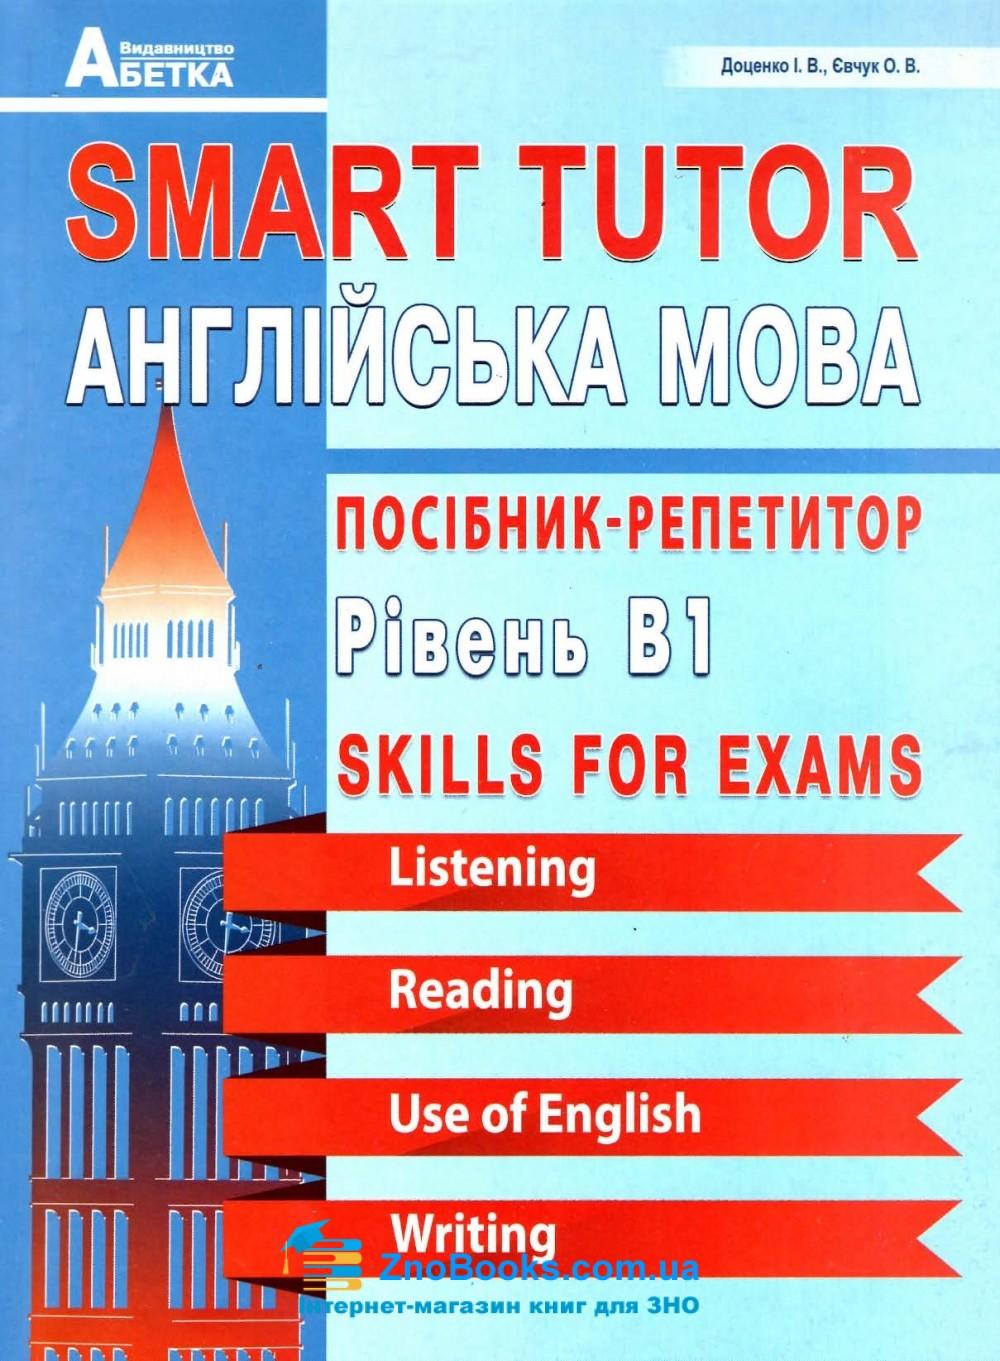 Smart Tutor. Англійська мова ЗНО та ДПА 2021. Посібник-репетитор. Рівень В1. Доценко І. В., Євчук О. В.  0